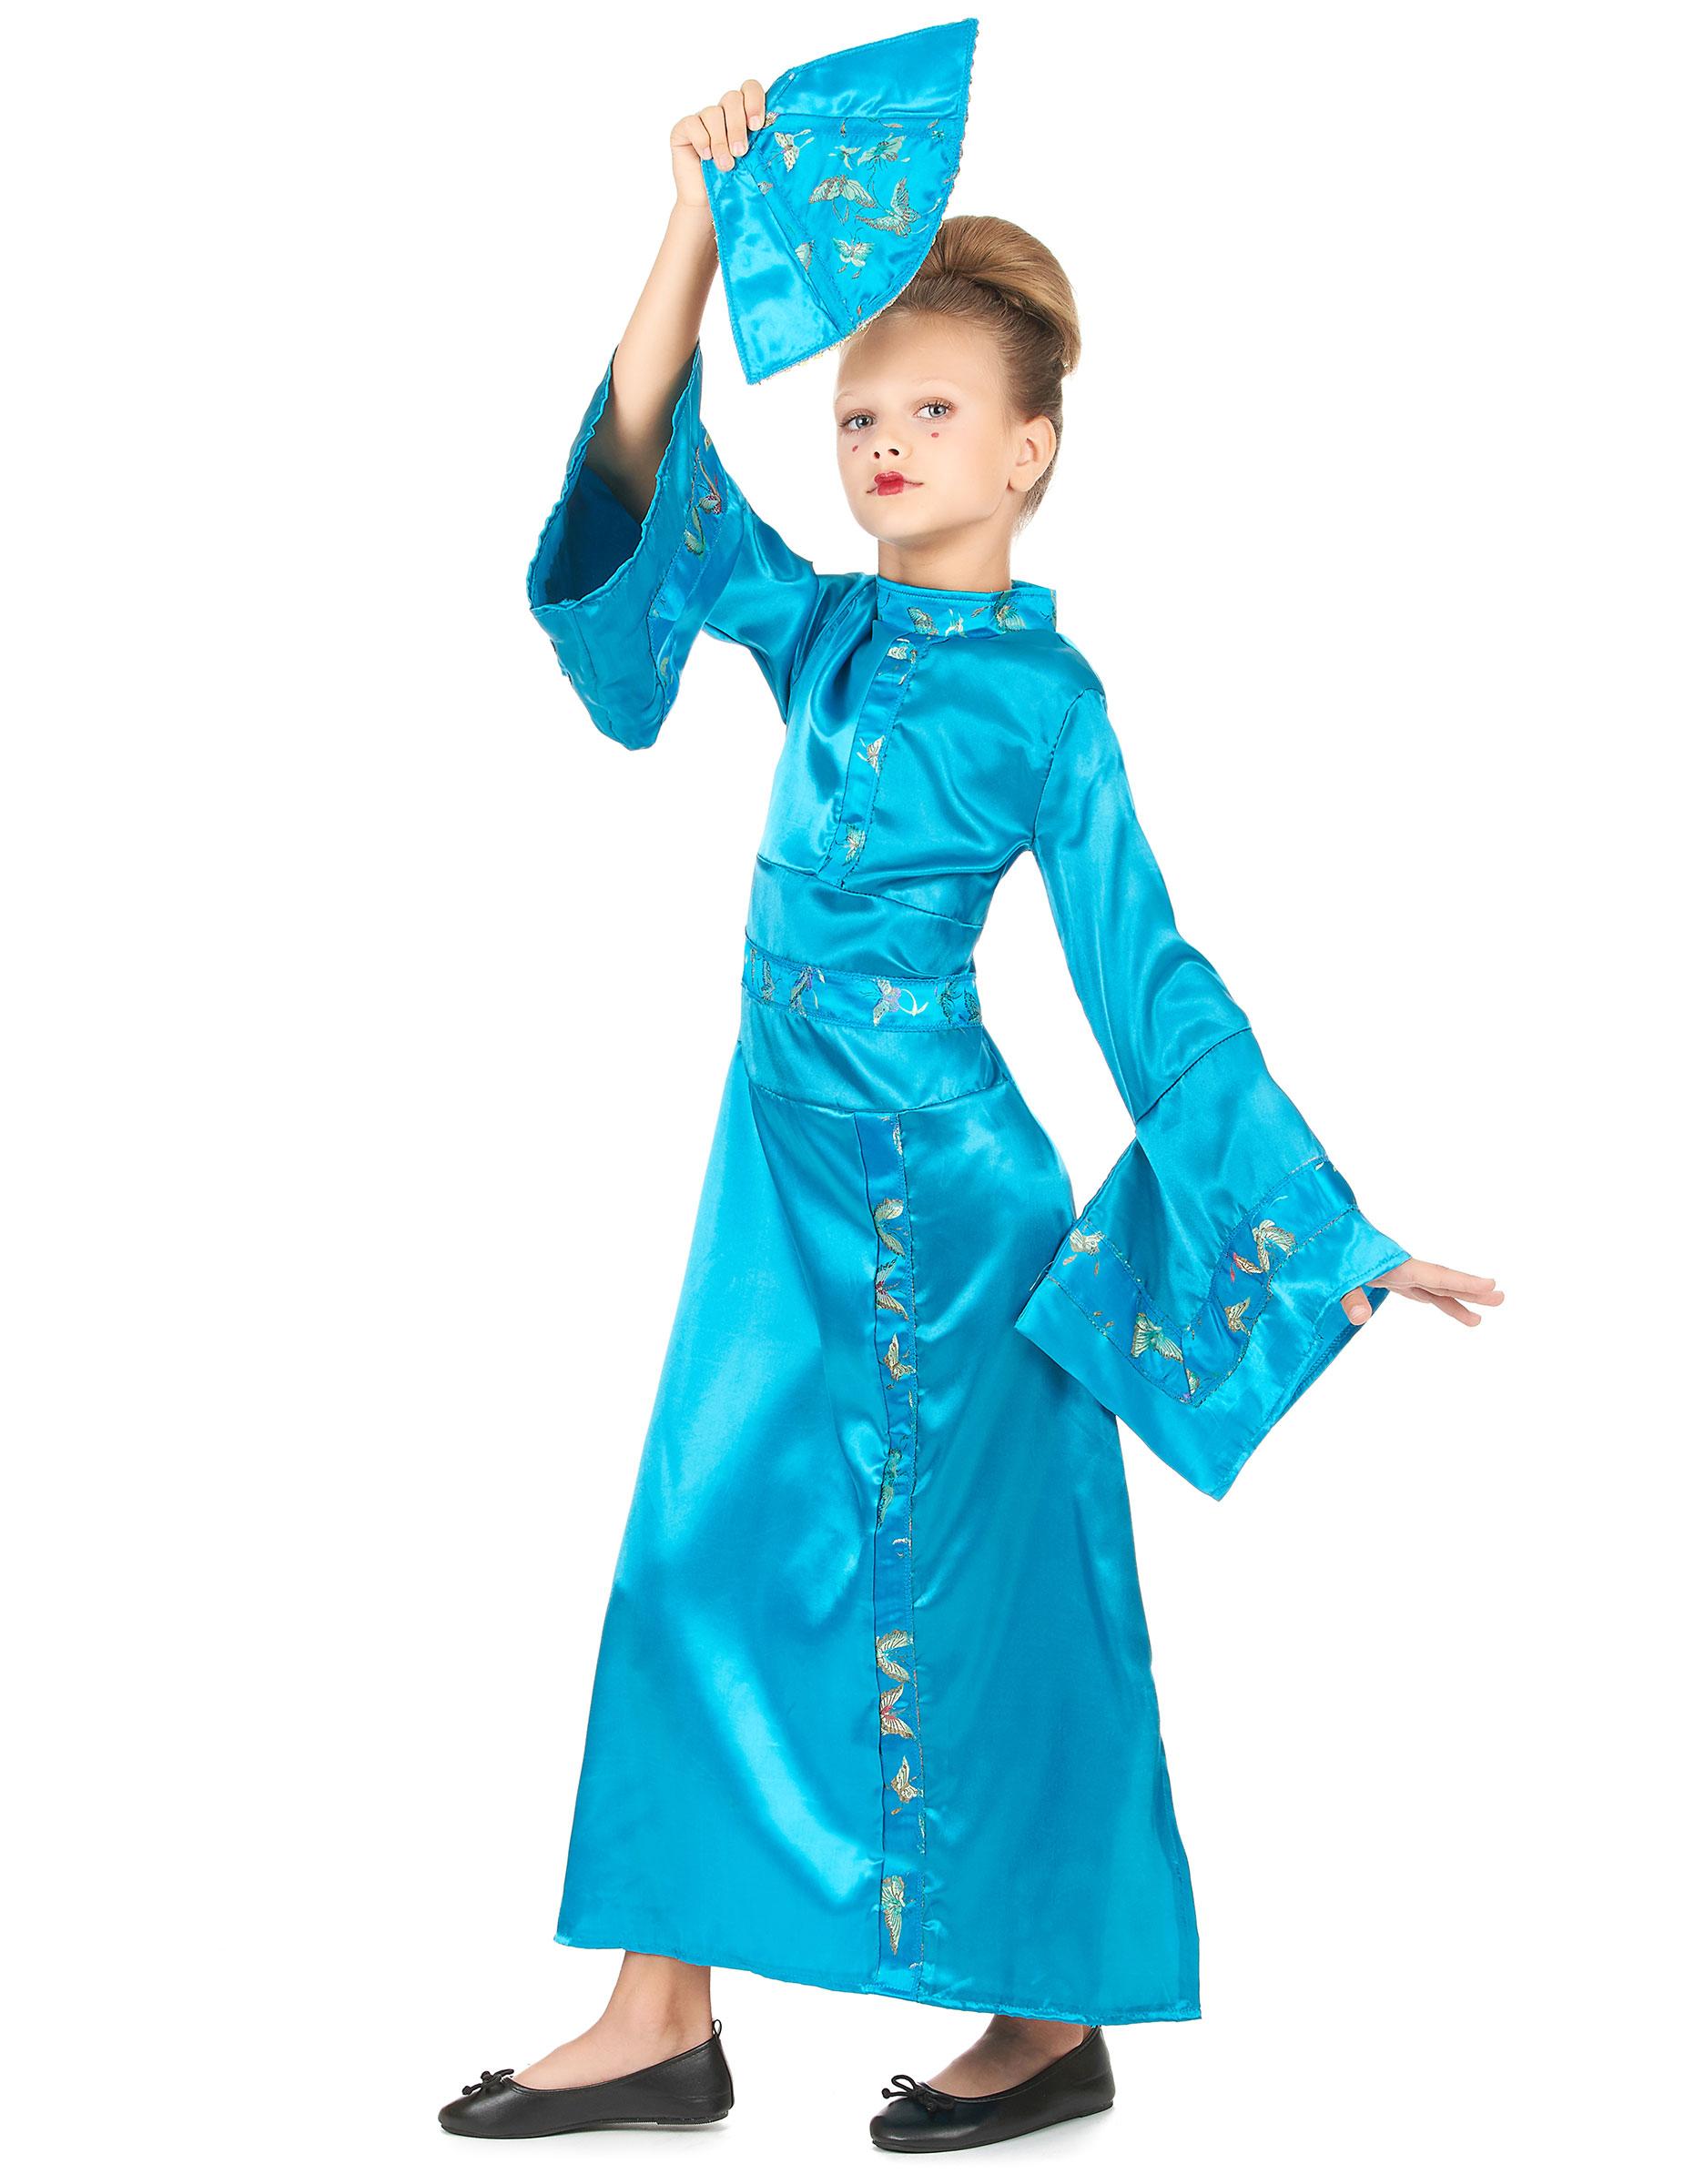 d guisement geisha enfant fille deguise toi achat de d guisements enfants. Black Bedroom Furniture Sets. Home Design Ideas